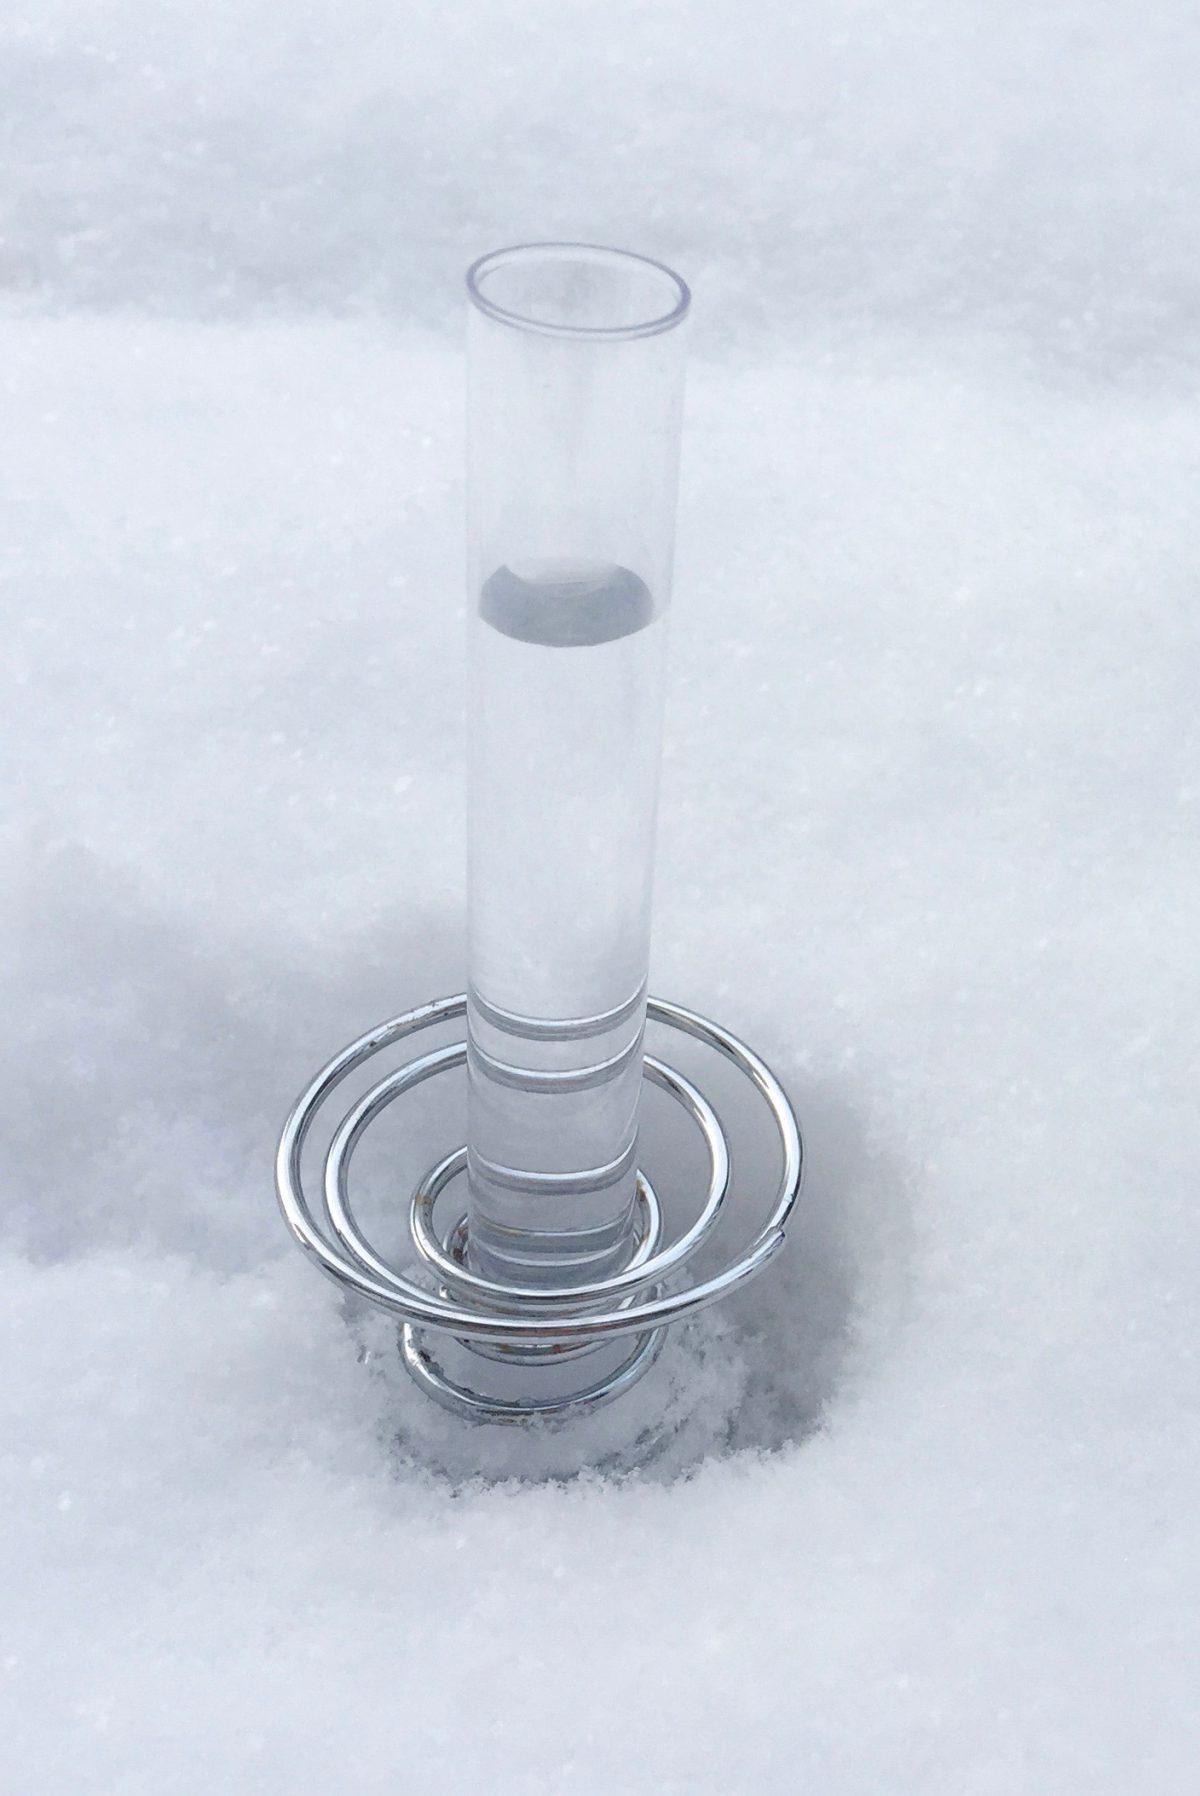 Ein Wasserglas steht im Schnee.